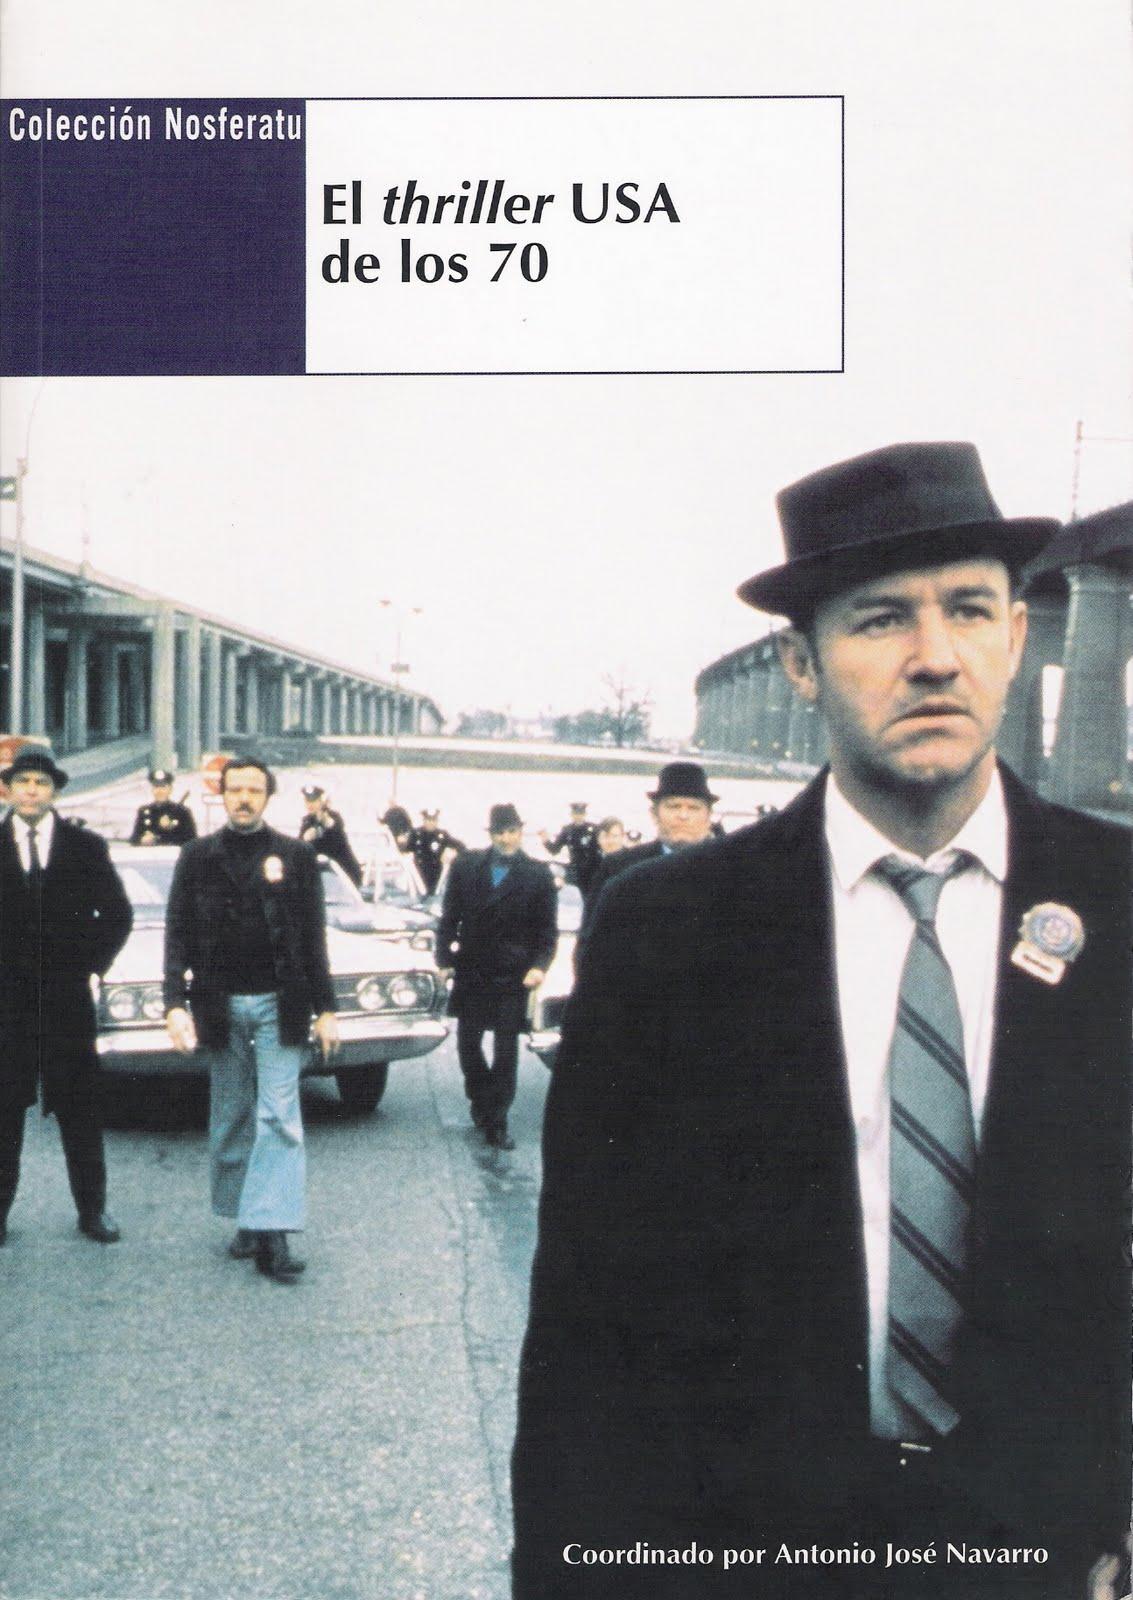 CINE AMERICANO AÑOS 70 - Página 3 Thriller_USA